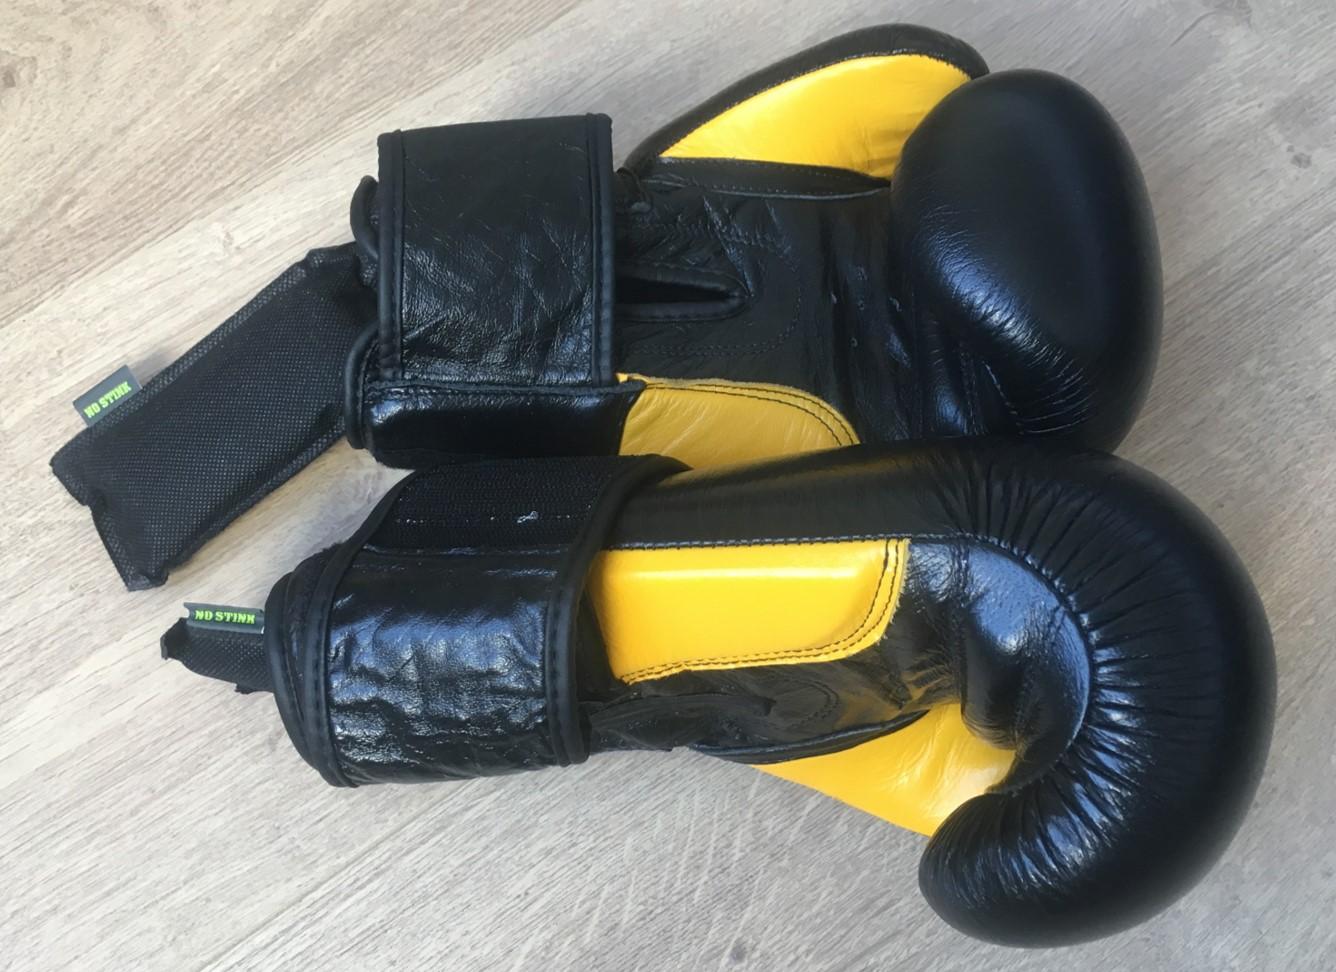 bezwete bokshandschoenen met No Stink geurzakjes erin